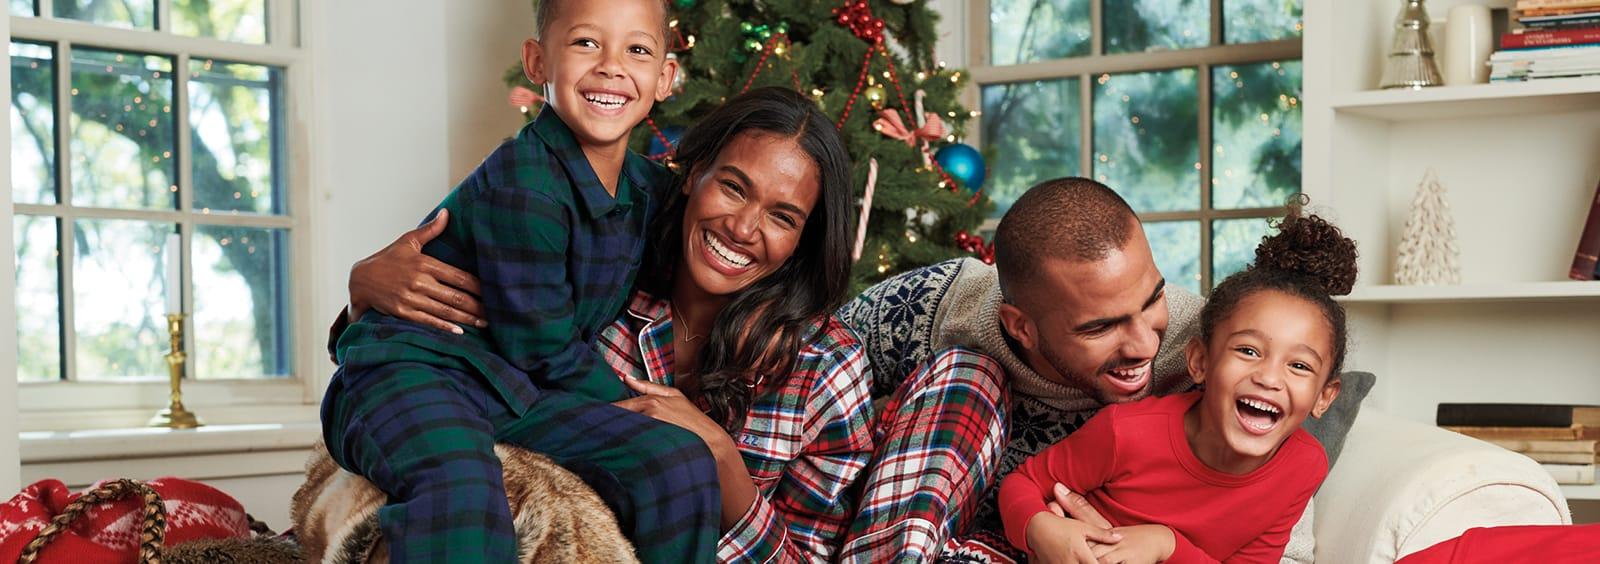 Flannel vs. fleece pajamas